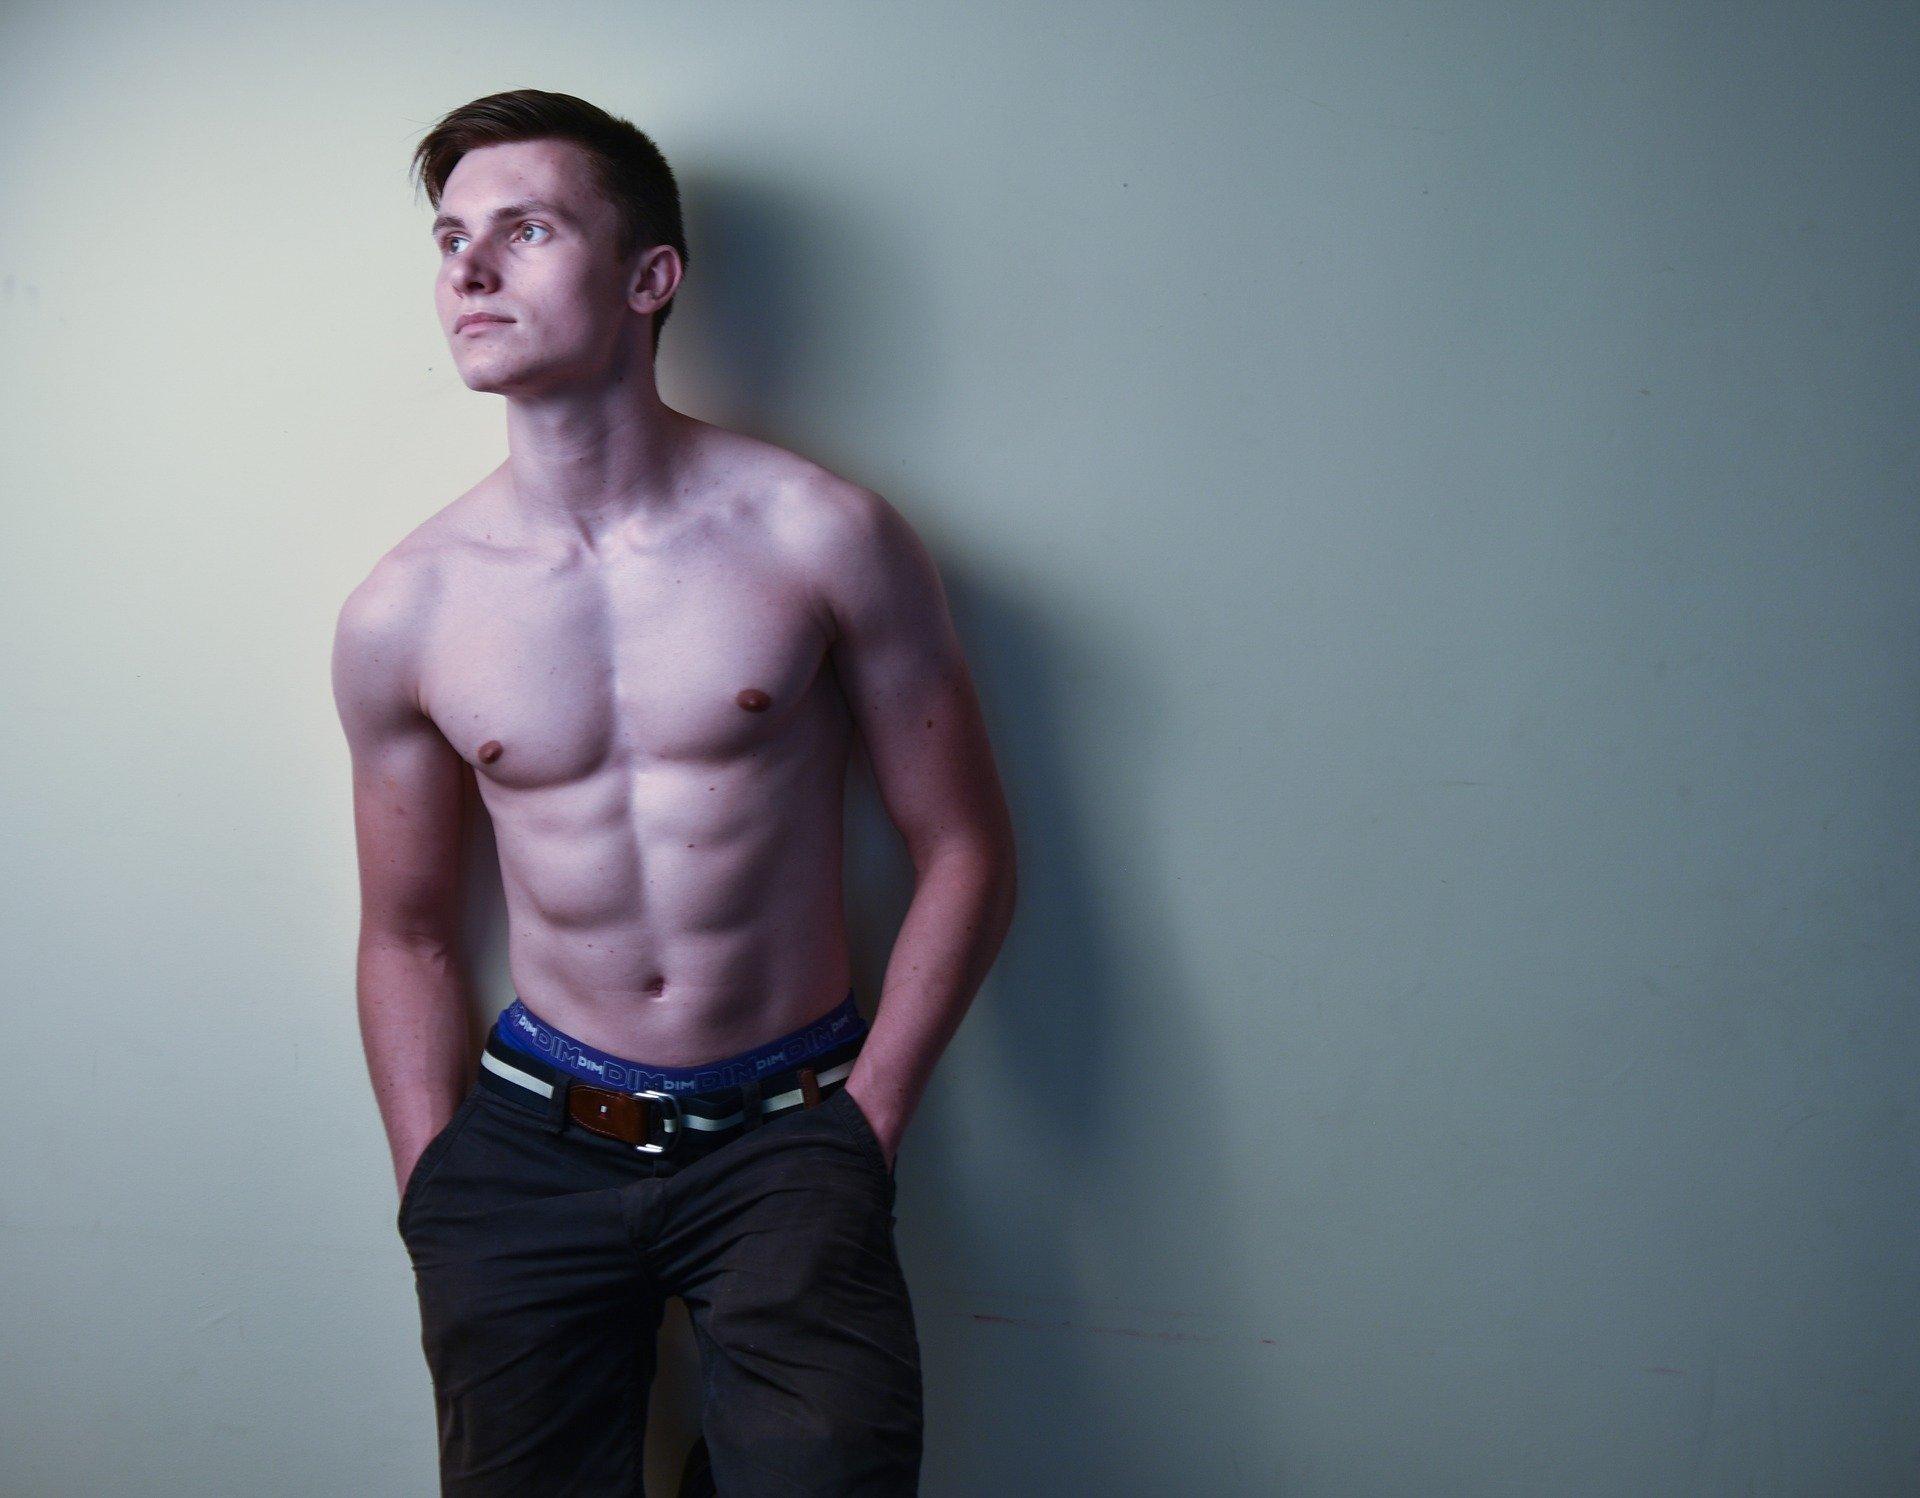 「フィットボクシングは痩せる?痩せない?」1ヶ月続けたら3kg痩せました!